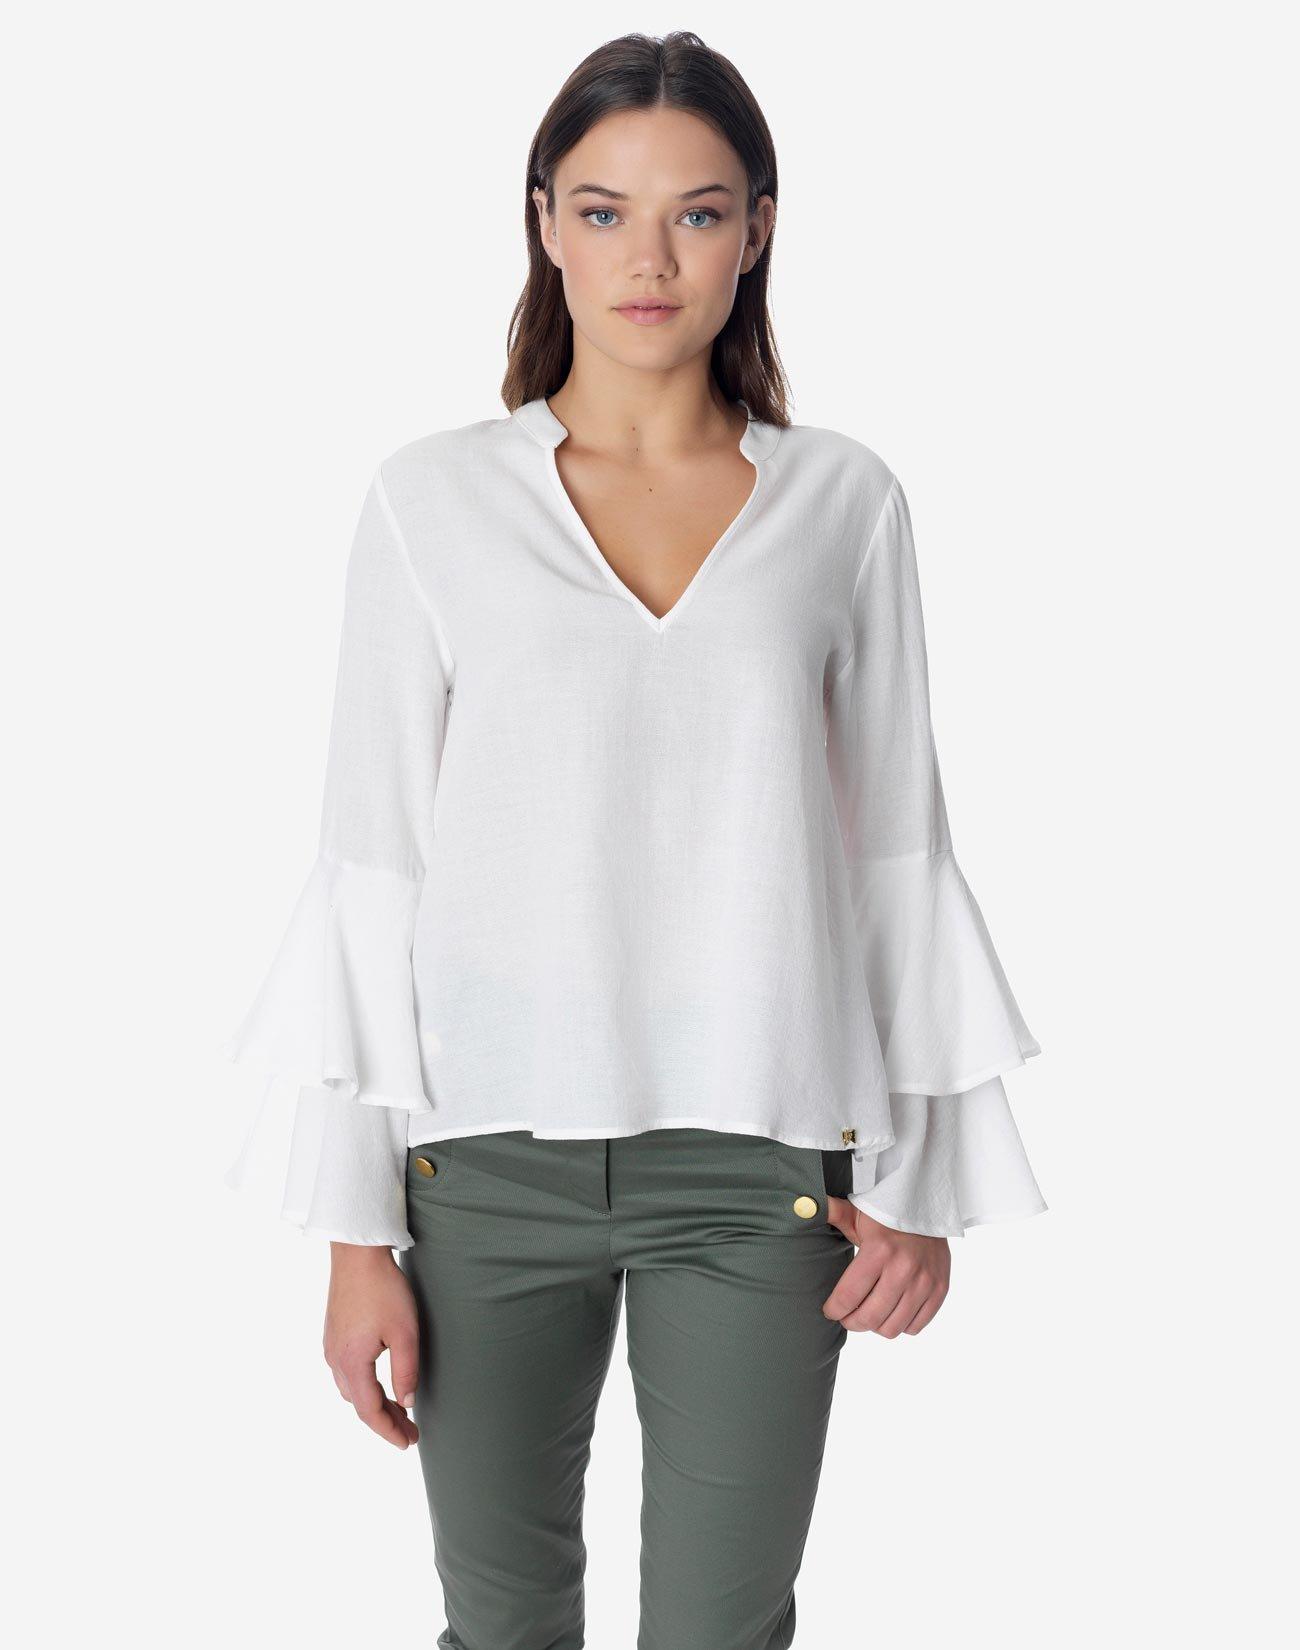 Μπλούζα με διπλό βολάν στο μανίκι